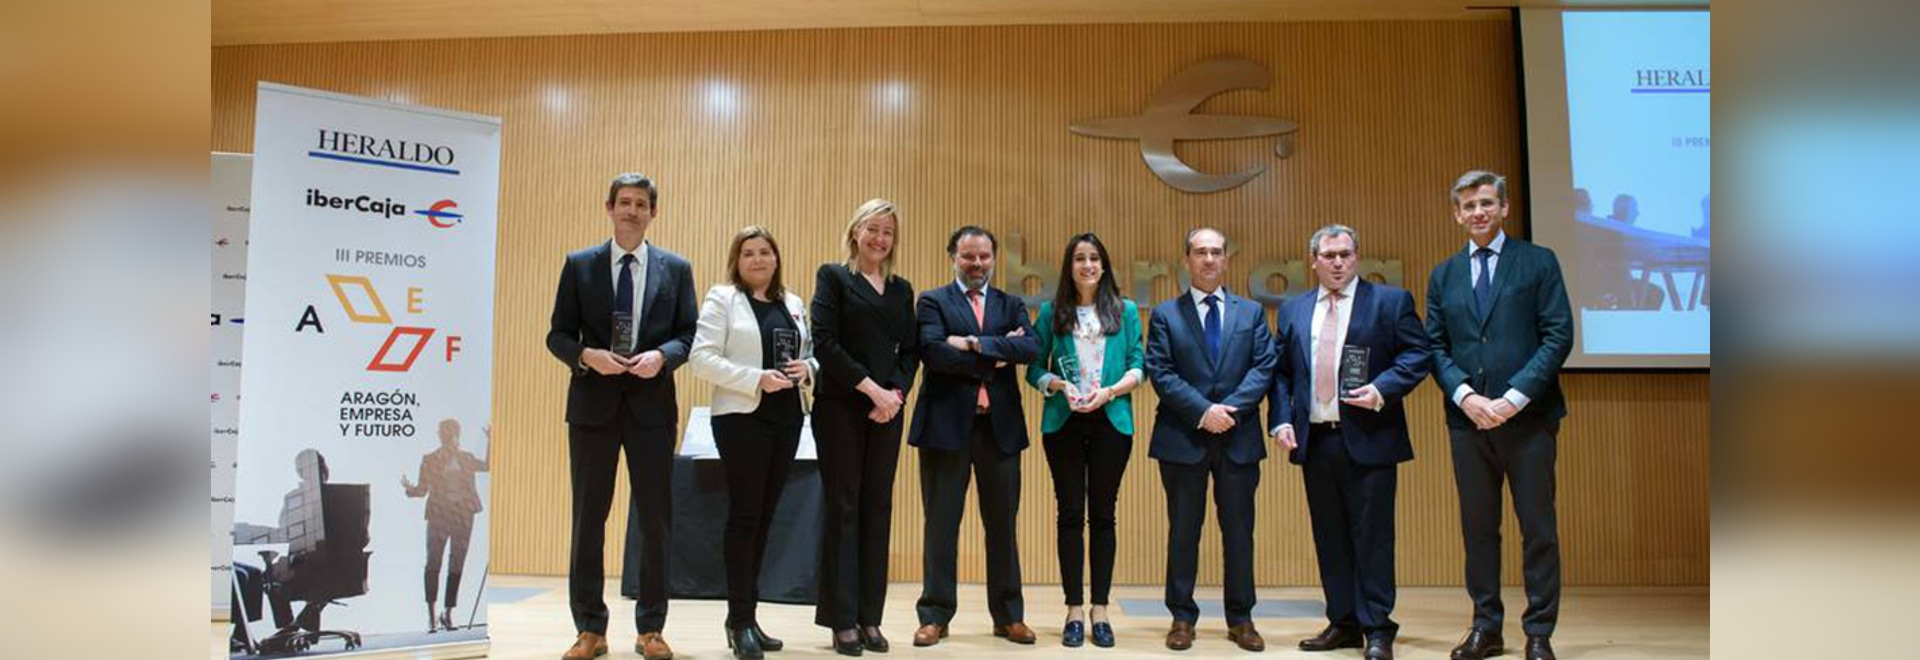 Airfal reçoit le Prix Aragon Entreprise et Futur pour sa trajectoire en matière de responsabilité sociale